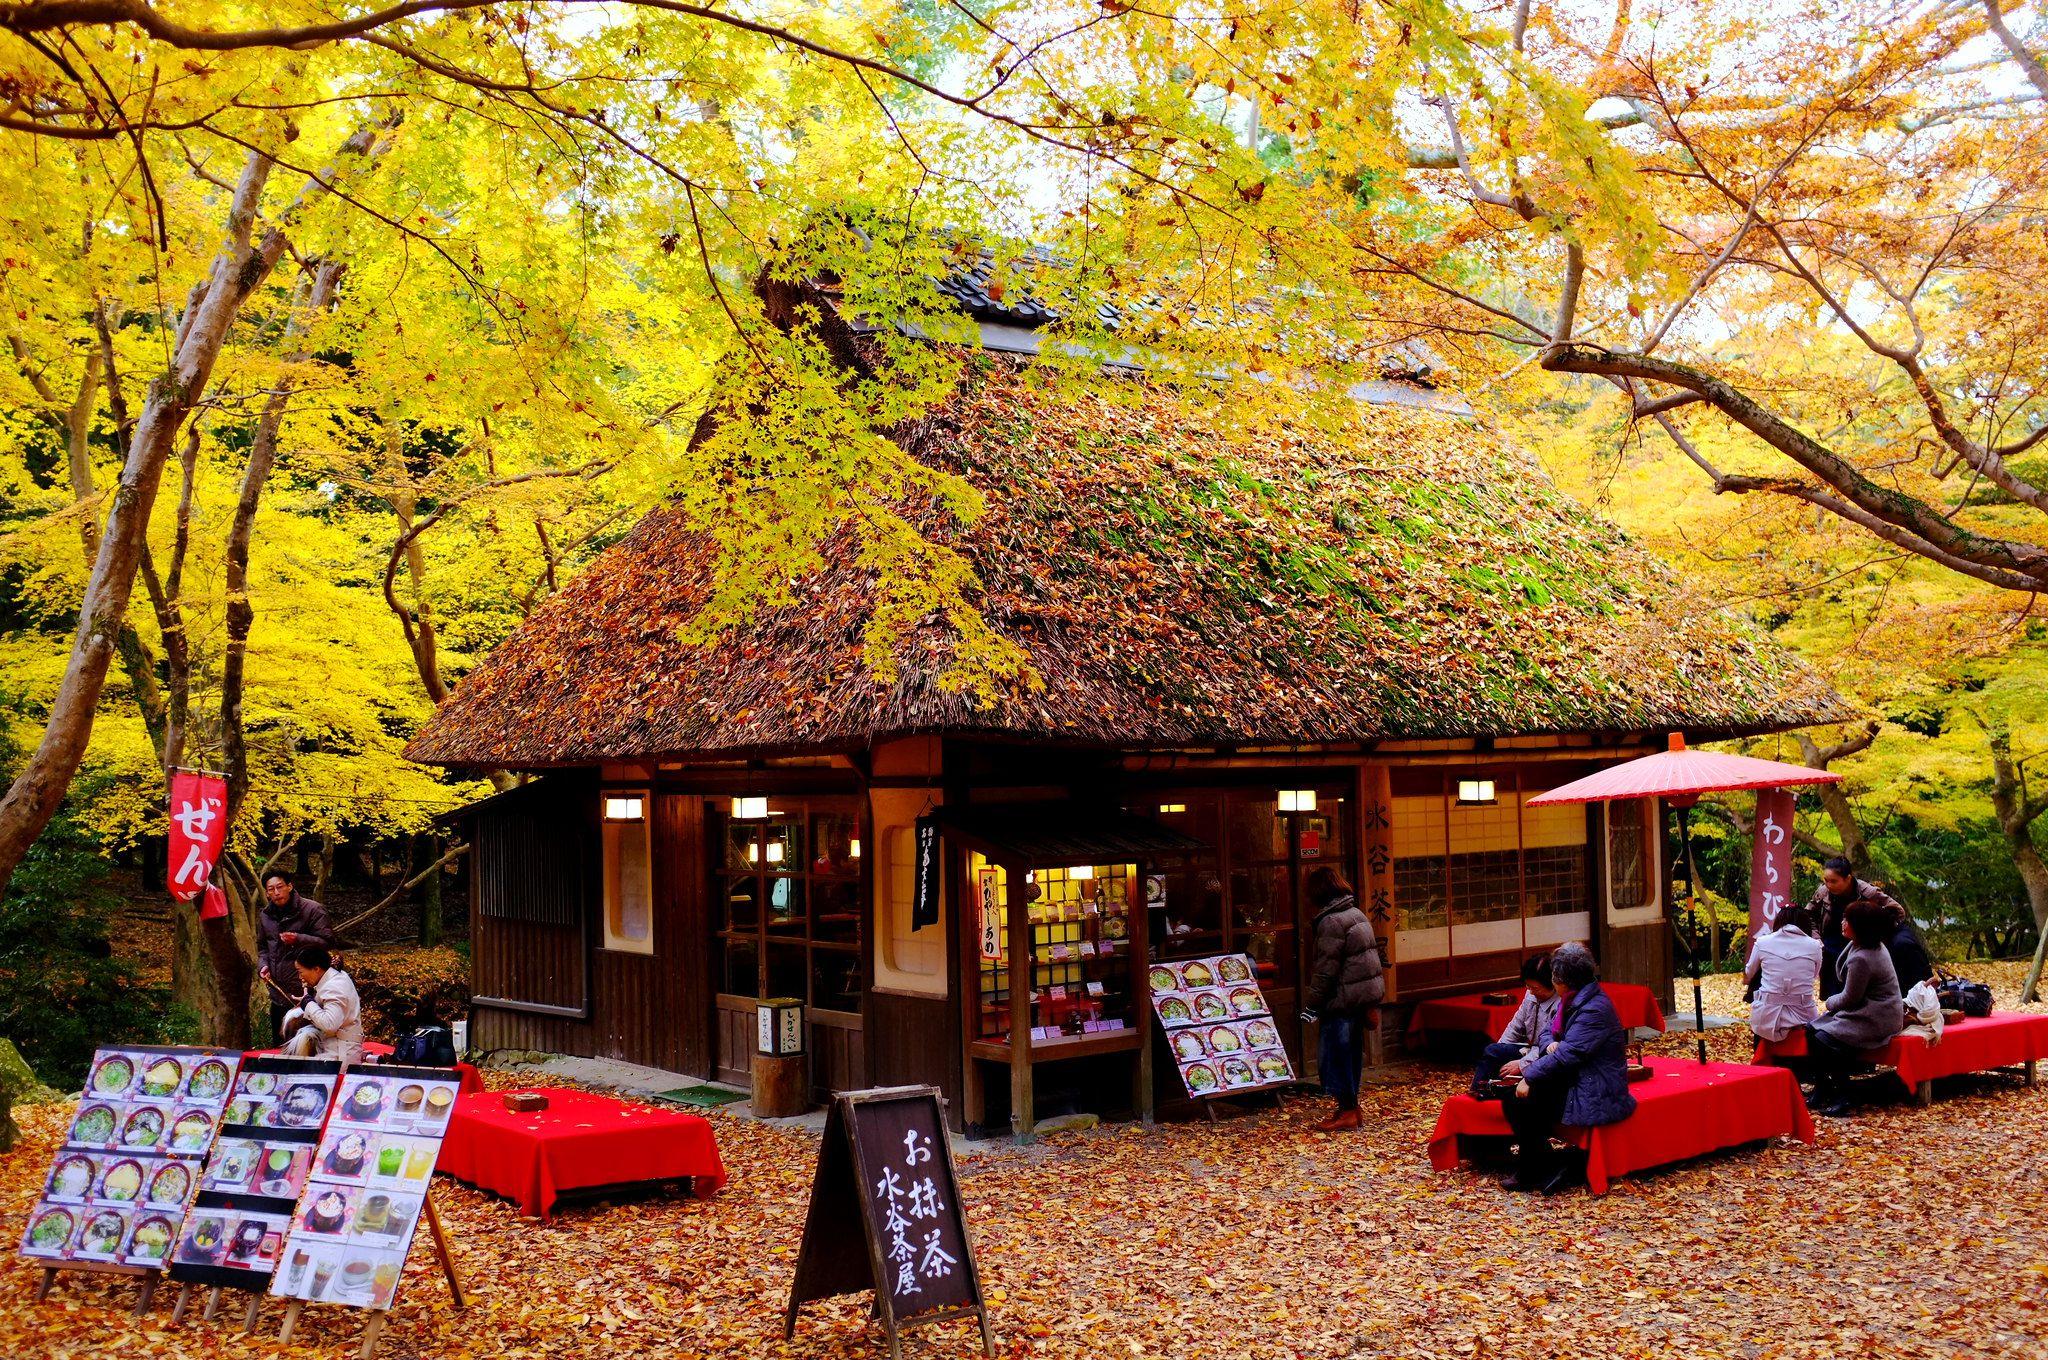 水谷茶屋   落ち葉が積もった茅葺屋根、赤い床と野点傘、 絵のように美しい景色が眺められる。   ( ´_ゝ`) Sho   Flickr